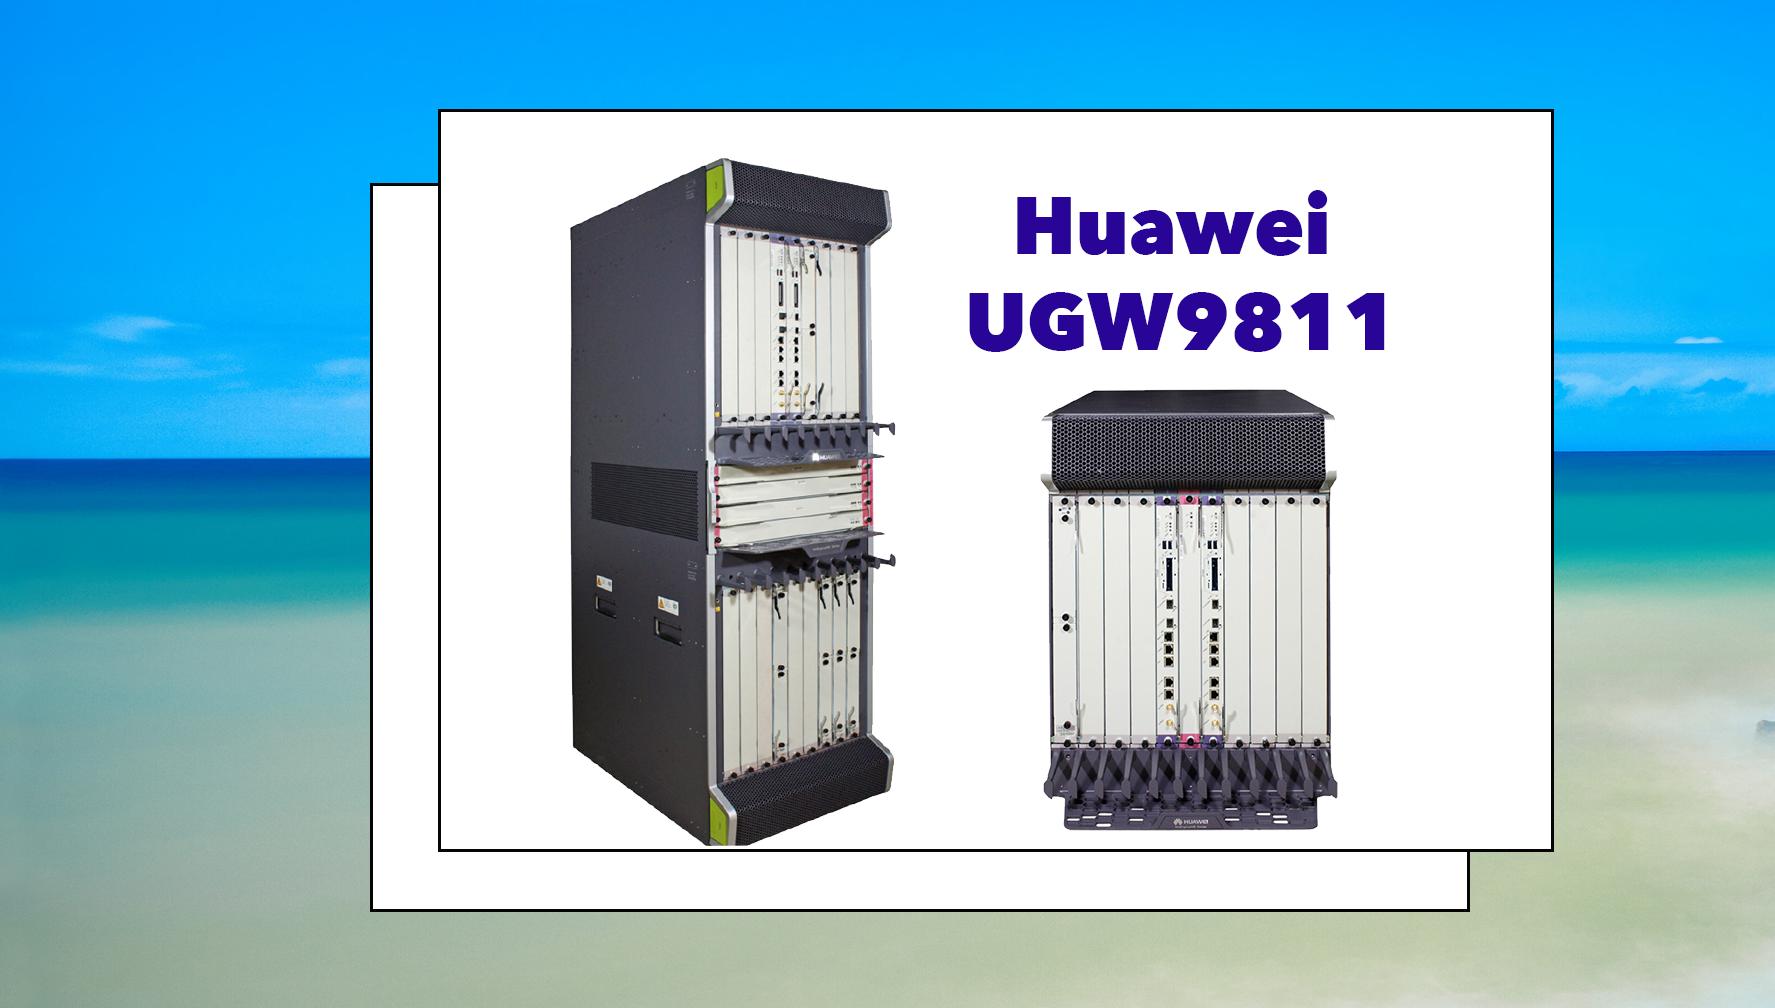 UGW9811